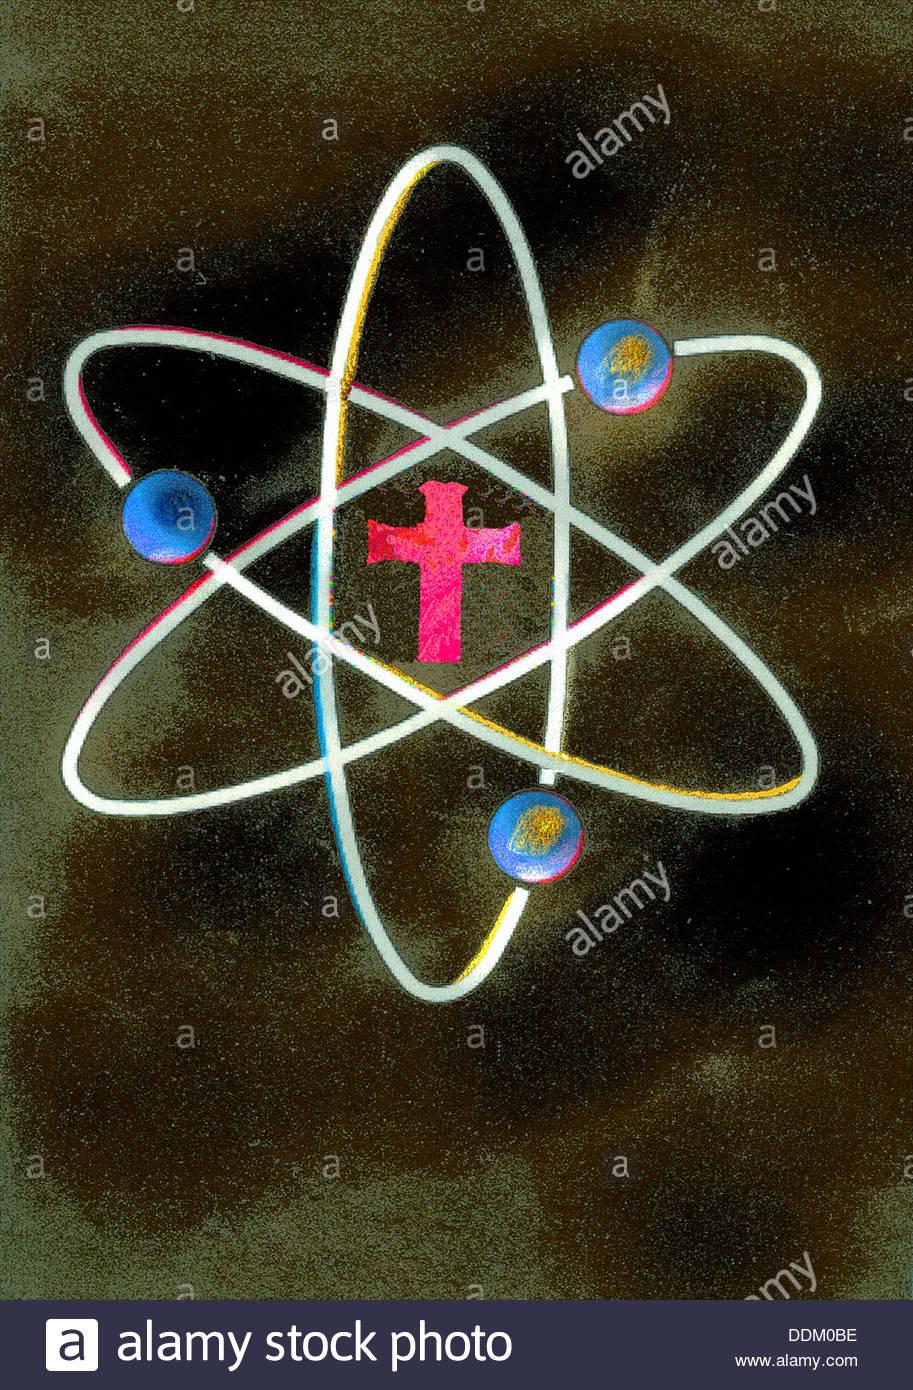 Croix au centre du symbole de l'atome Photo Stock